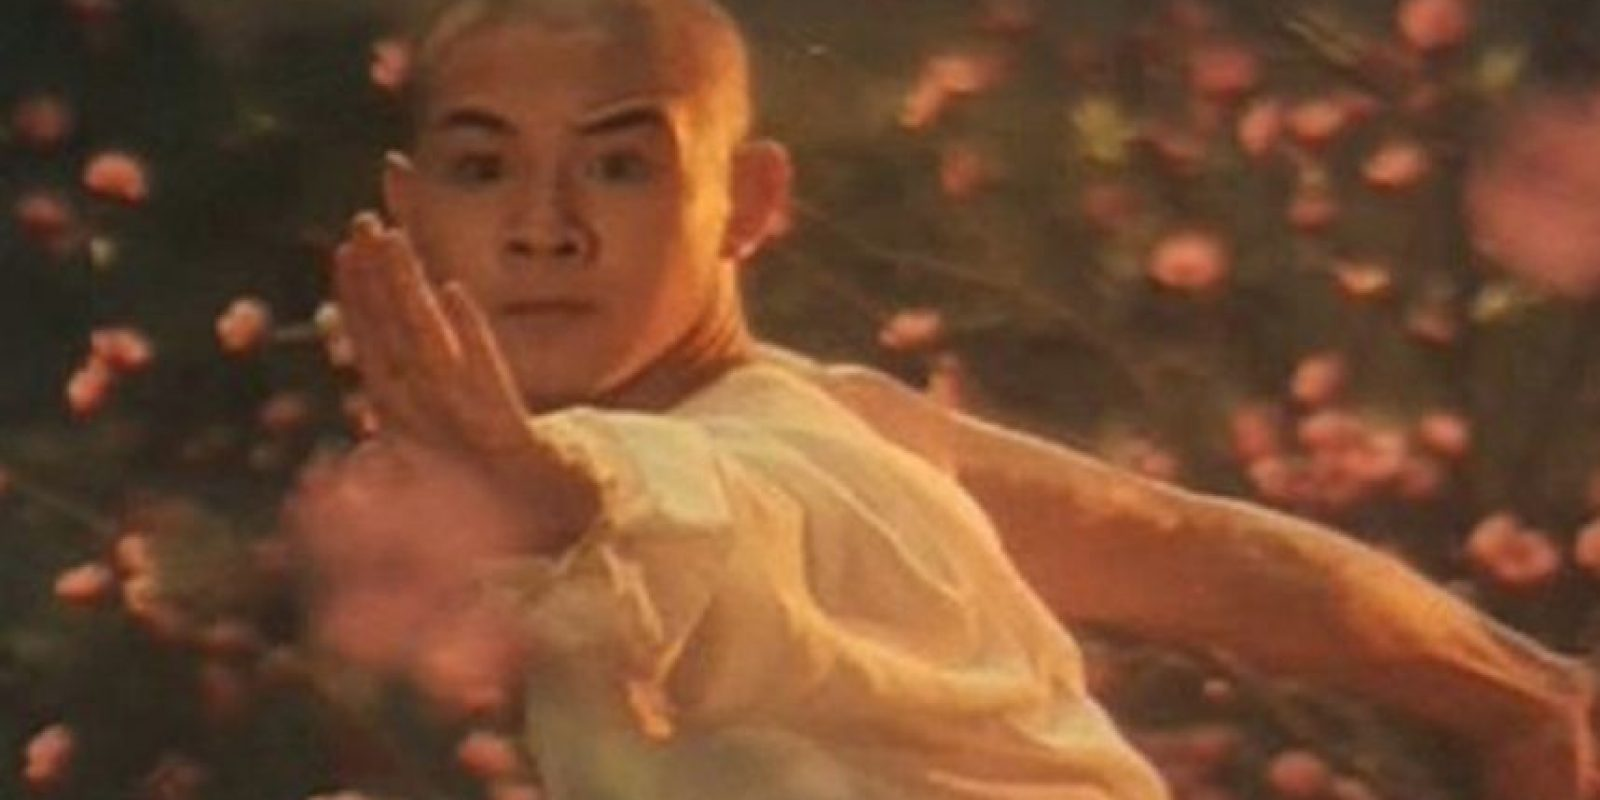 Comenzó su carrera en 1982, luego de ser campeón en artes marciales wushu.